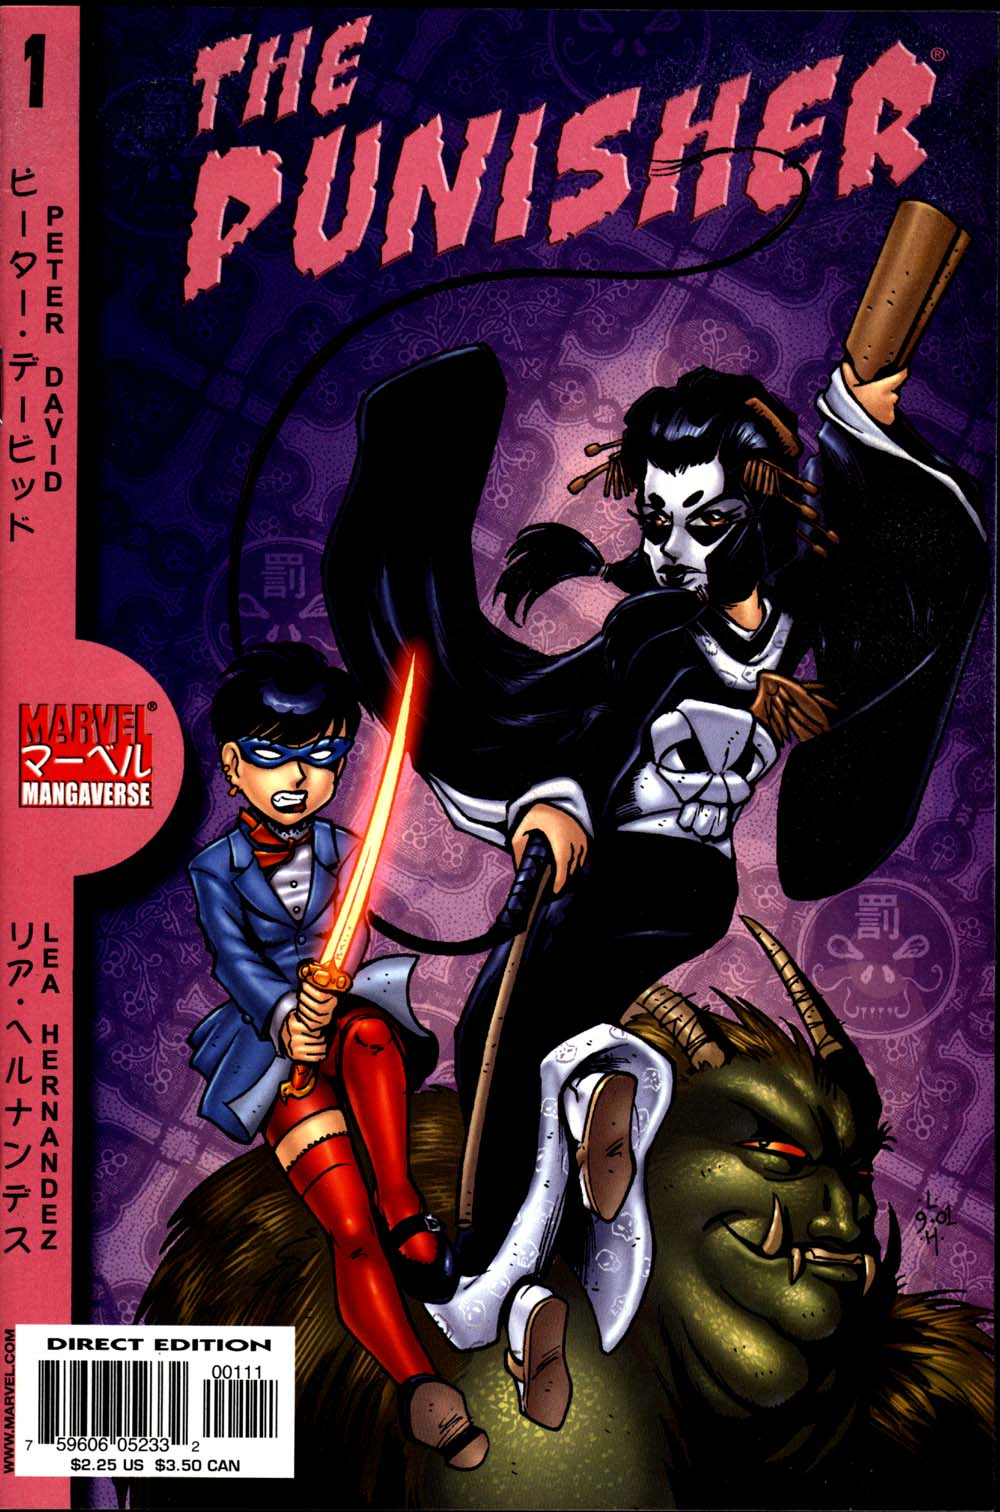 Marvel Mangaverse: Punisher Full Page 1